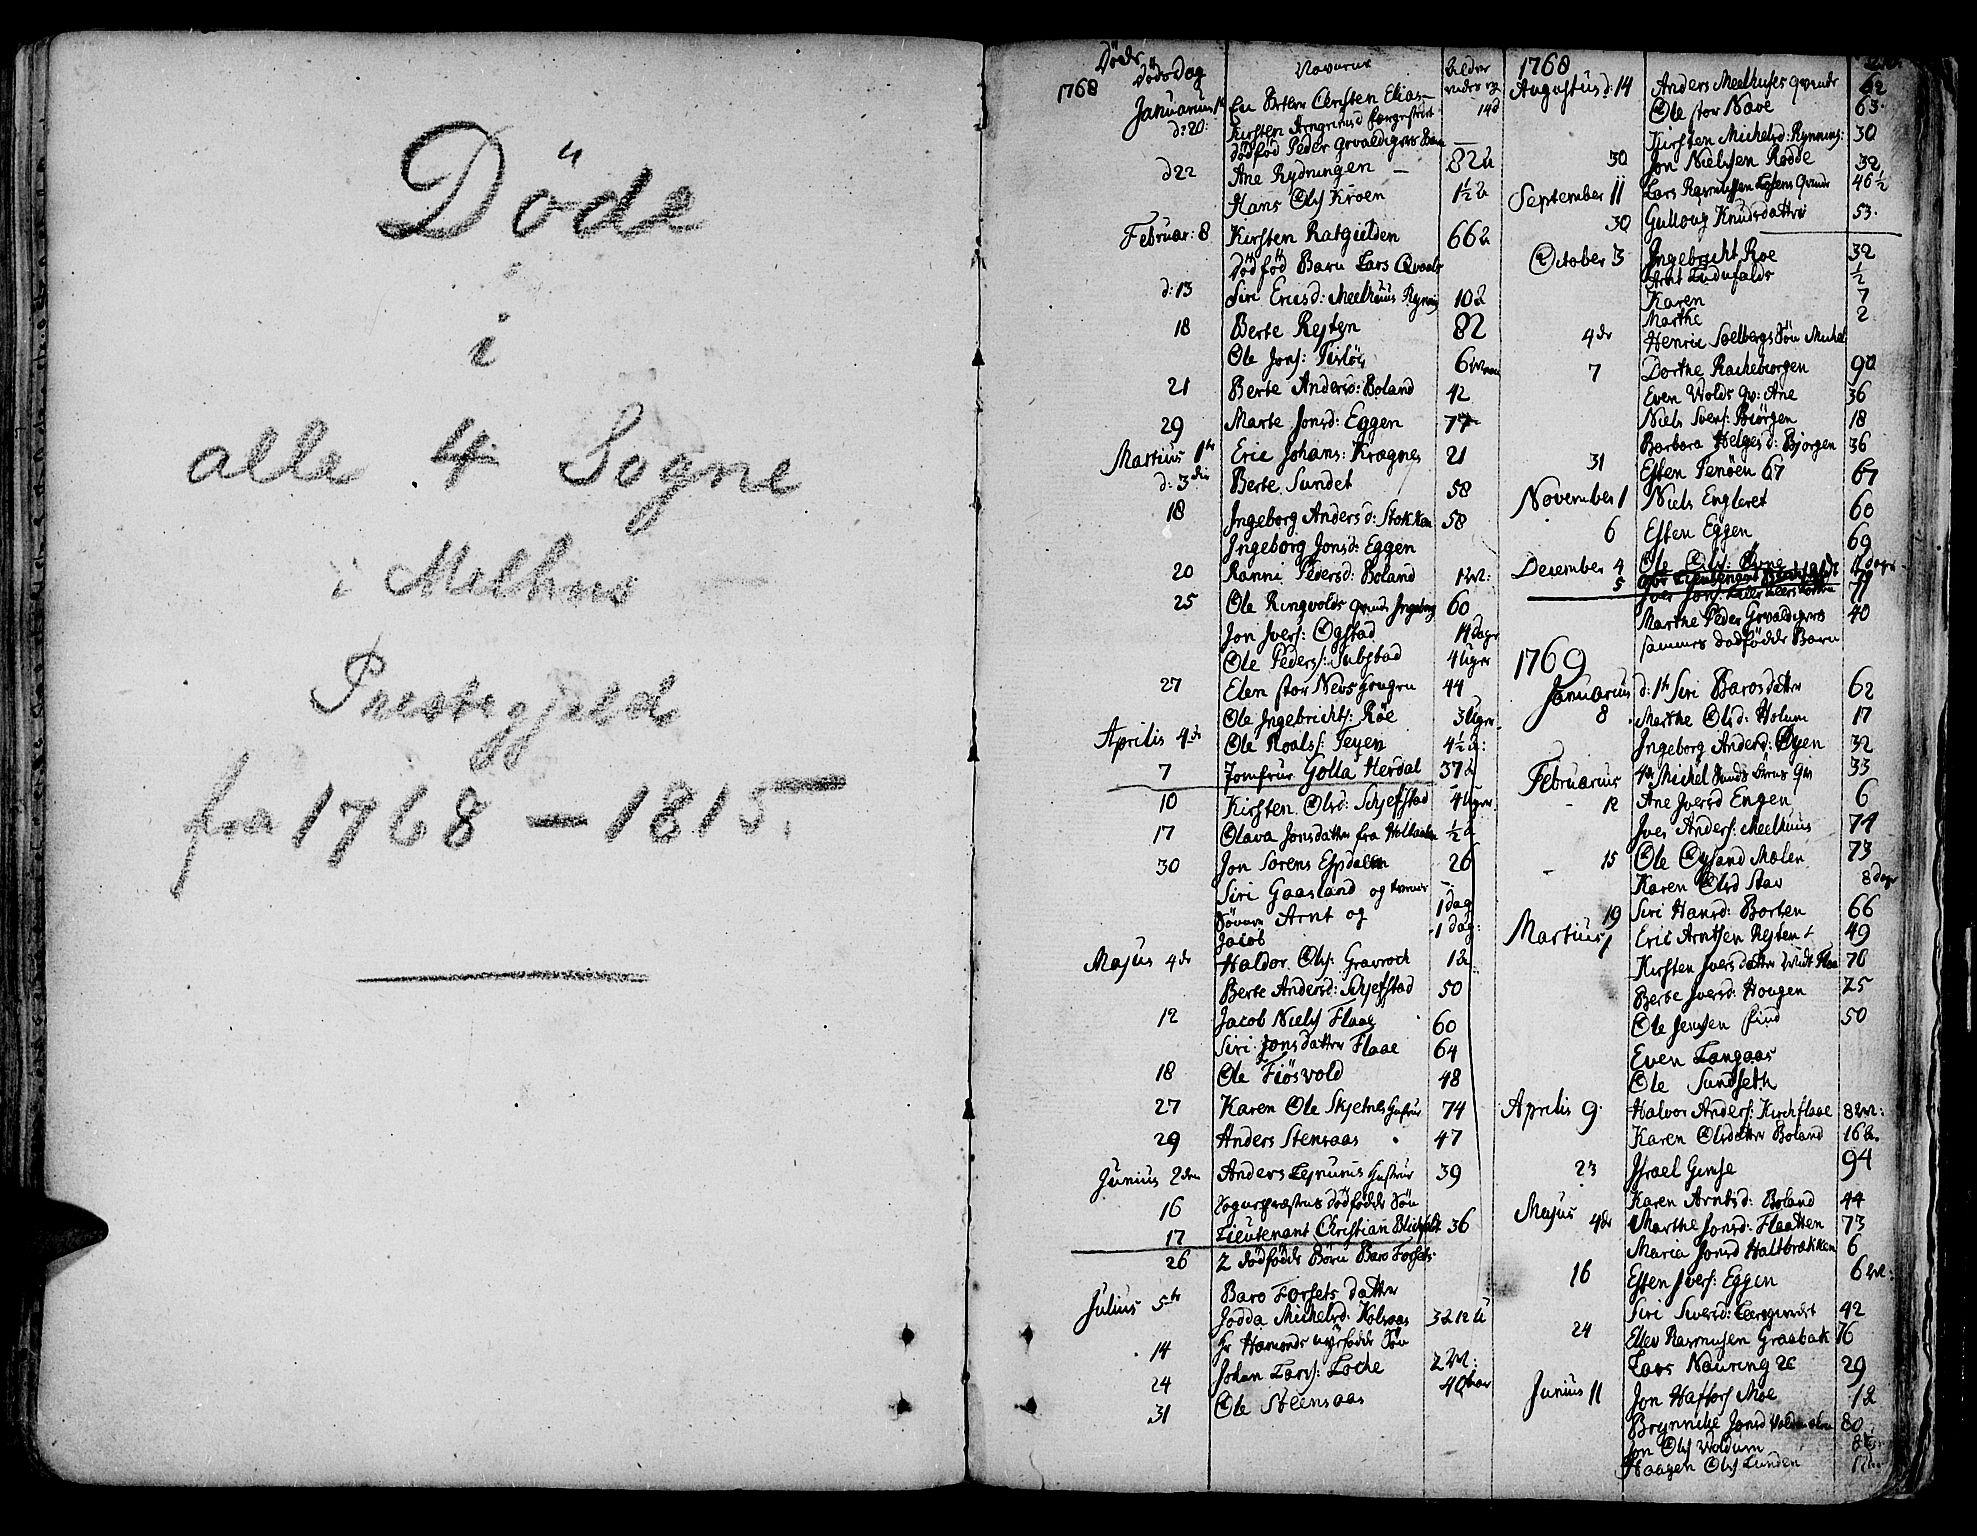 SAT, Ministerialprotokoller, klokkerbøker og fødselsregistre - Sør-Trøndelag, 691/L1061: Ministerialbok nr. 691A02 /1, 1768-1815, s. 210